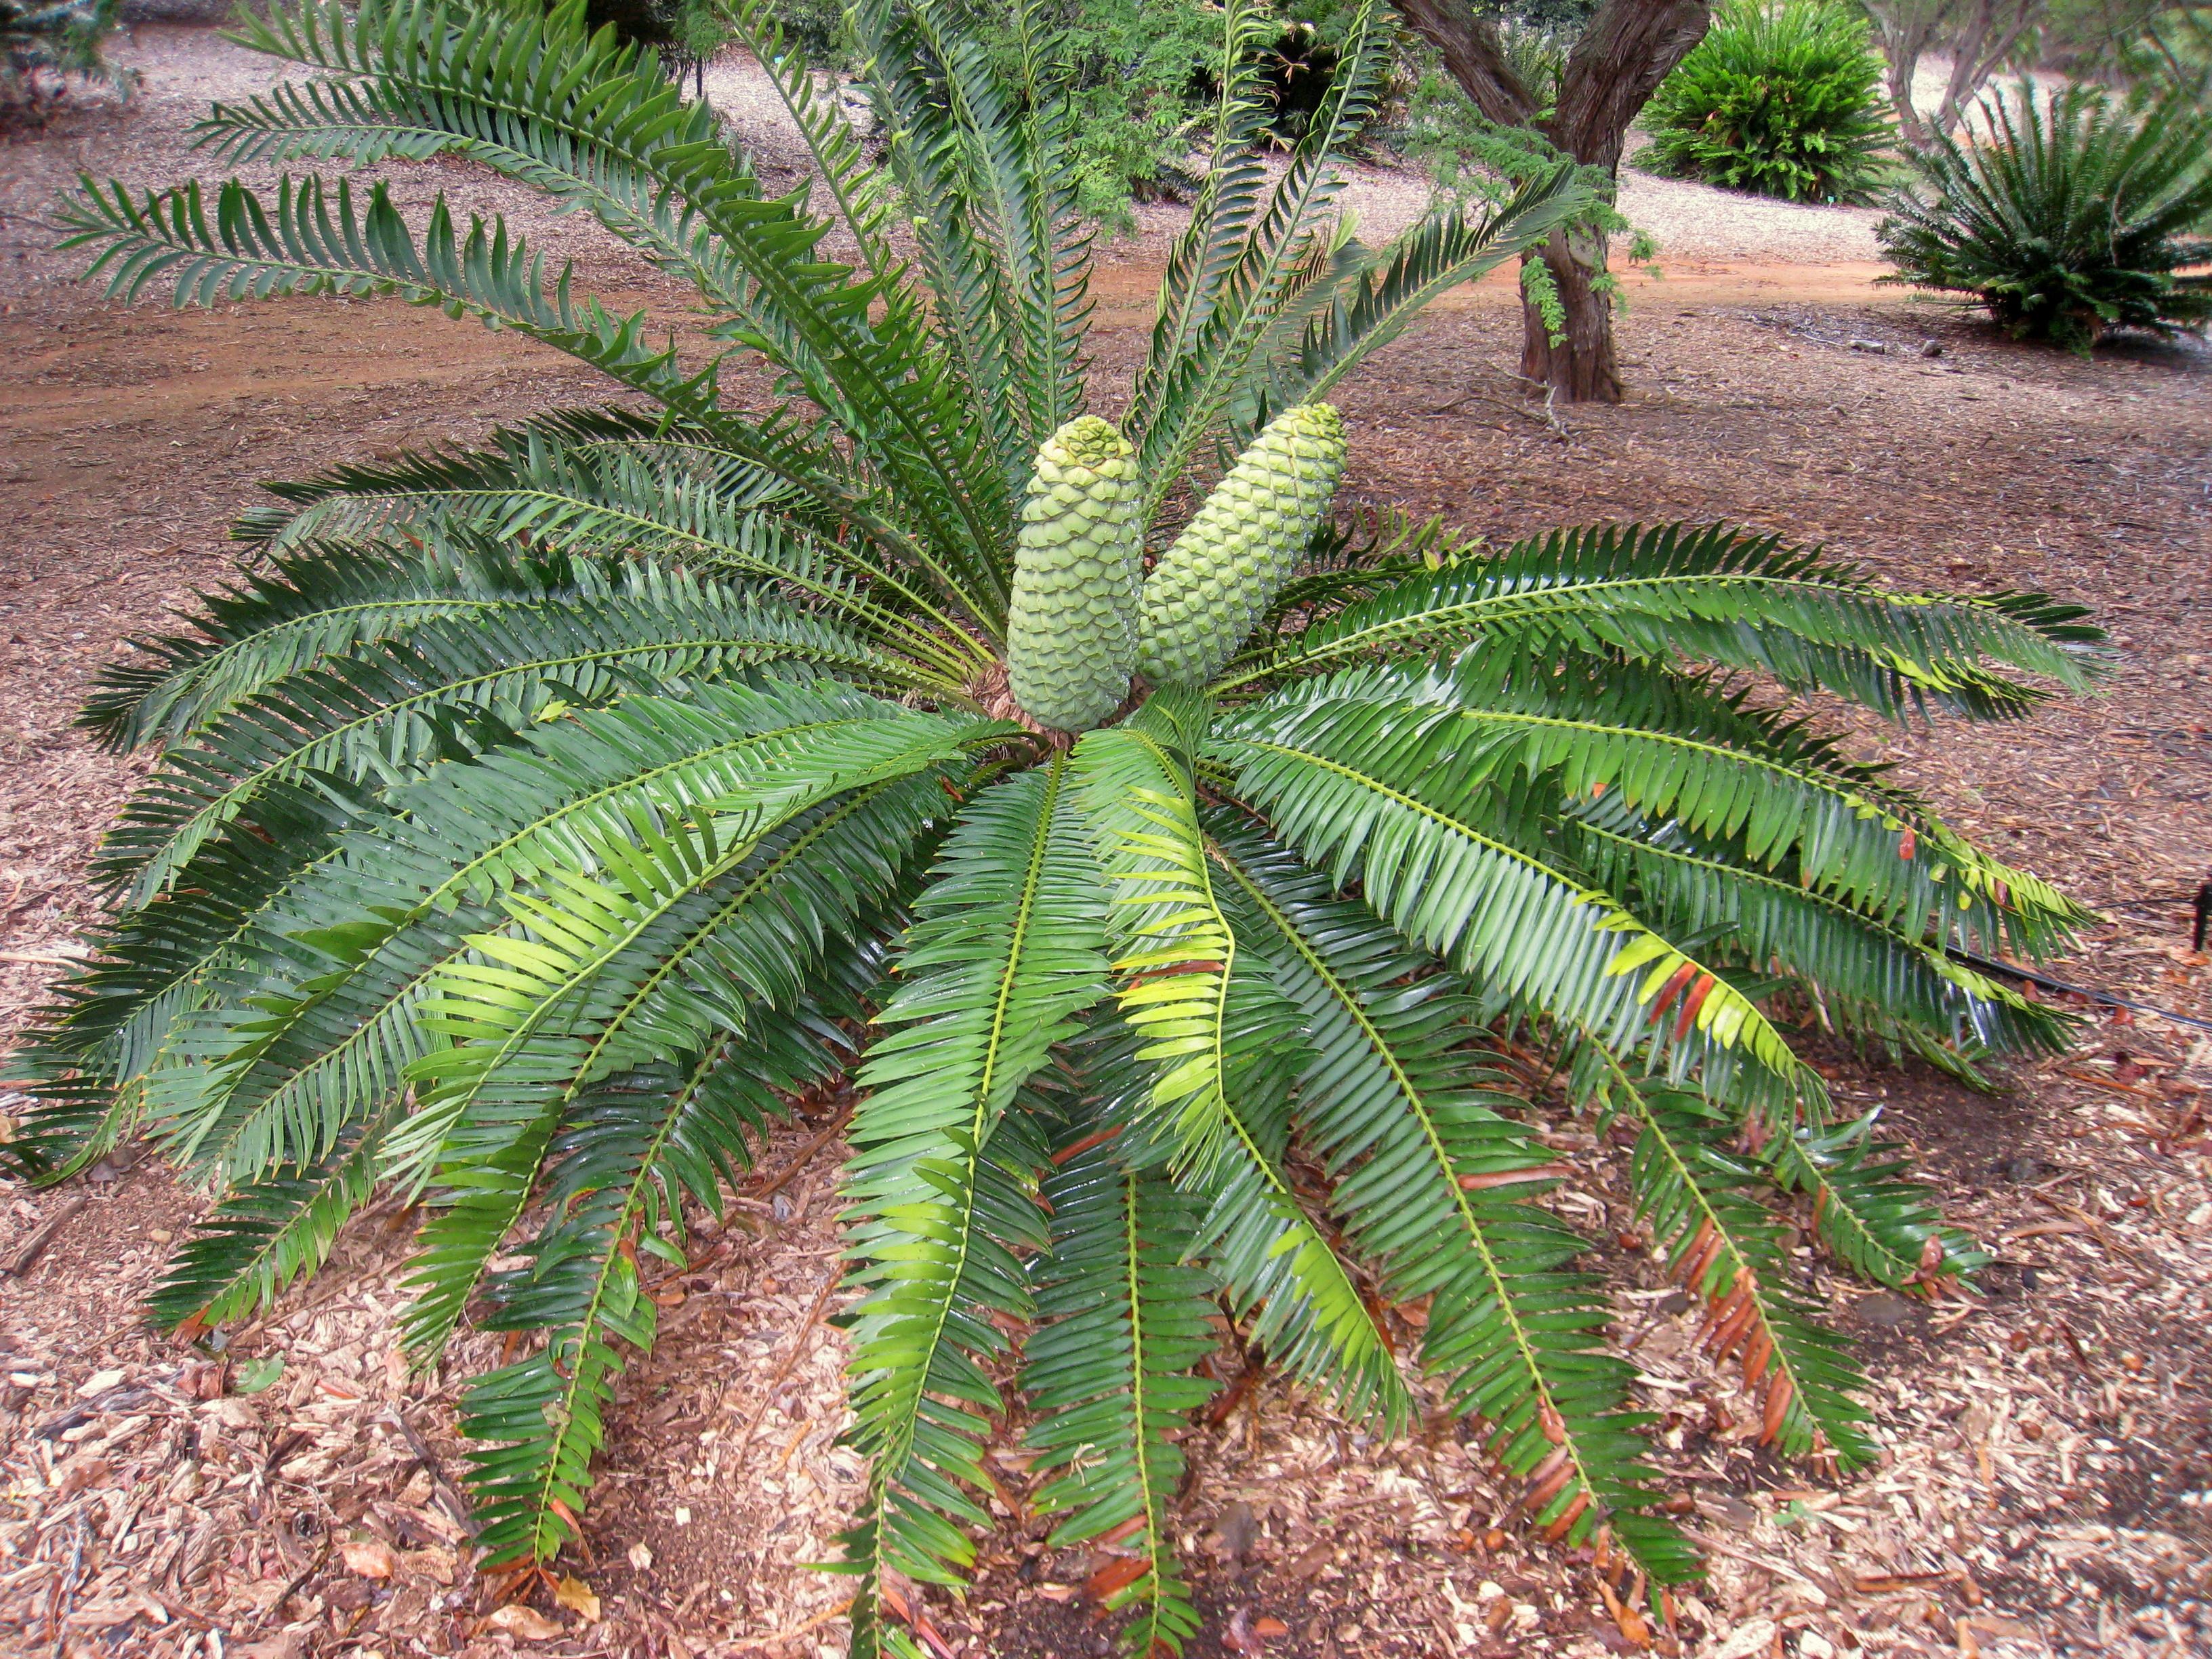 File:Encephalartos Turneri   Koko Crater Botanical Garden   IMG 2328.JPG